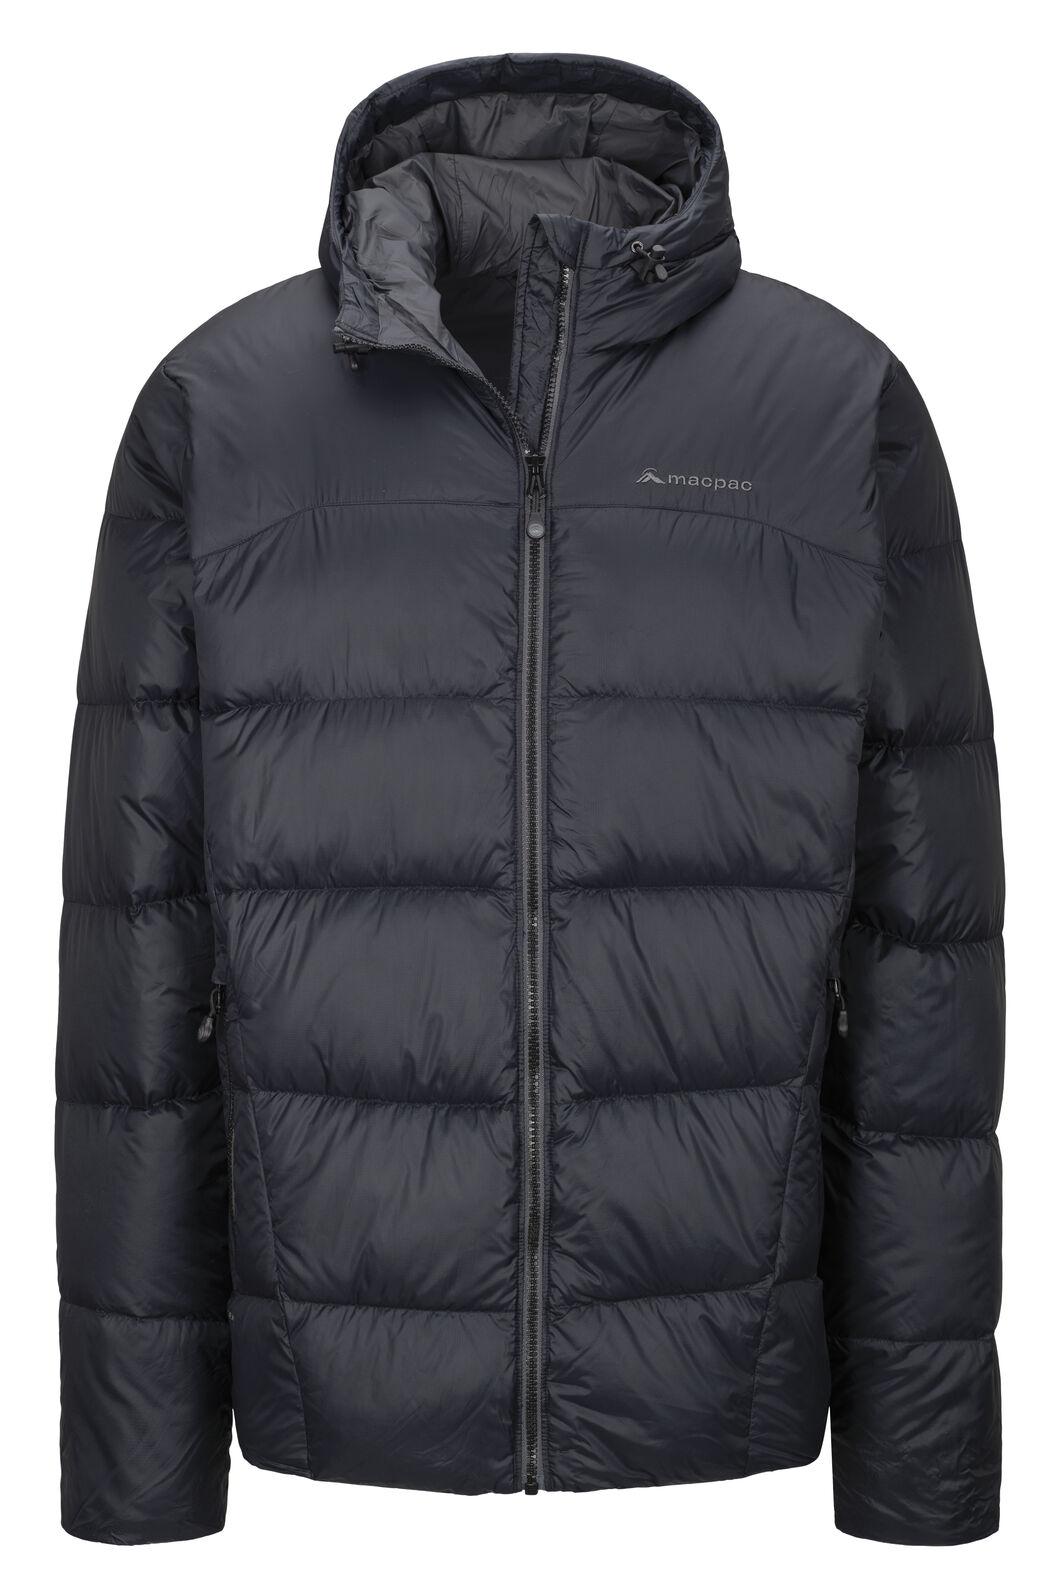 Macpac Sundowner HyperDRY™ Hooded Down Jacket — Men's, Black, hi-res